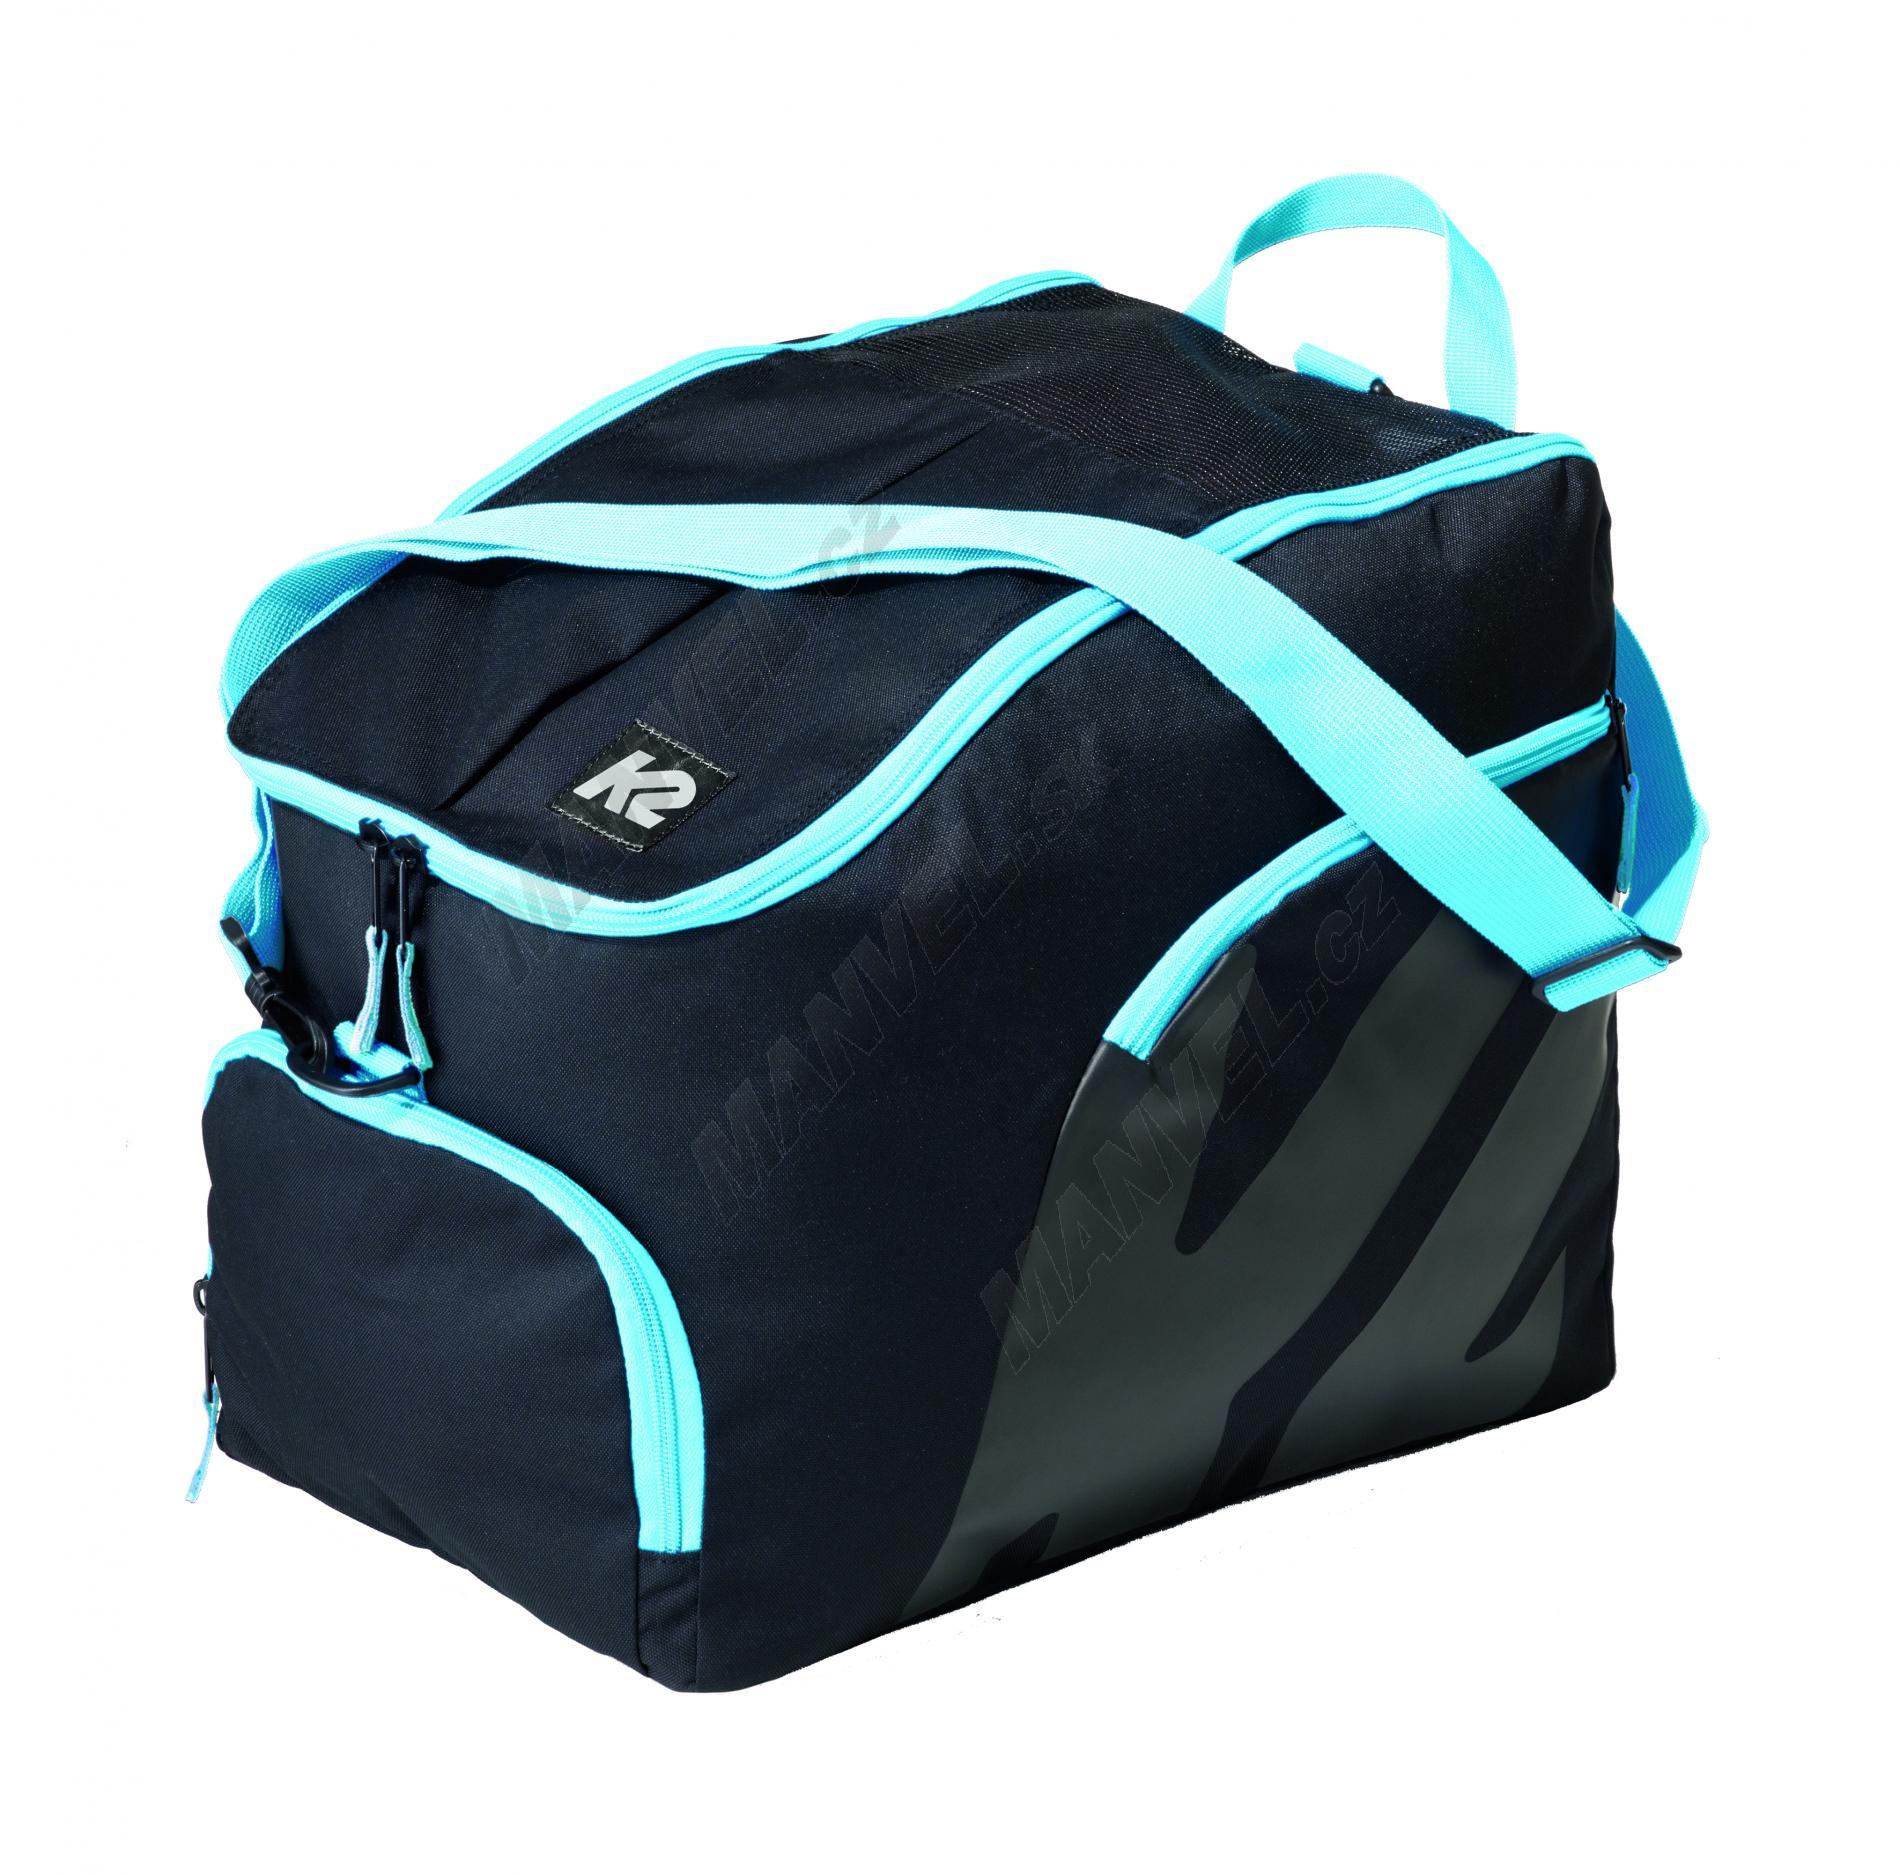 d0455ea728 Taška na korčule K2 Alliance Carrier - Manvel.sk